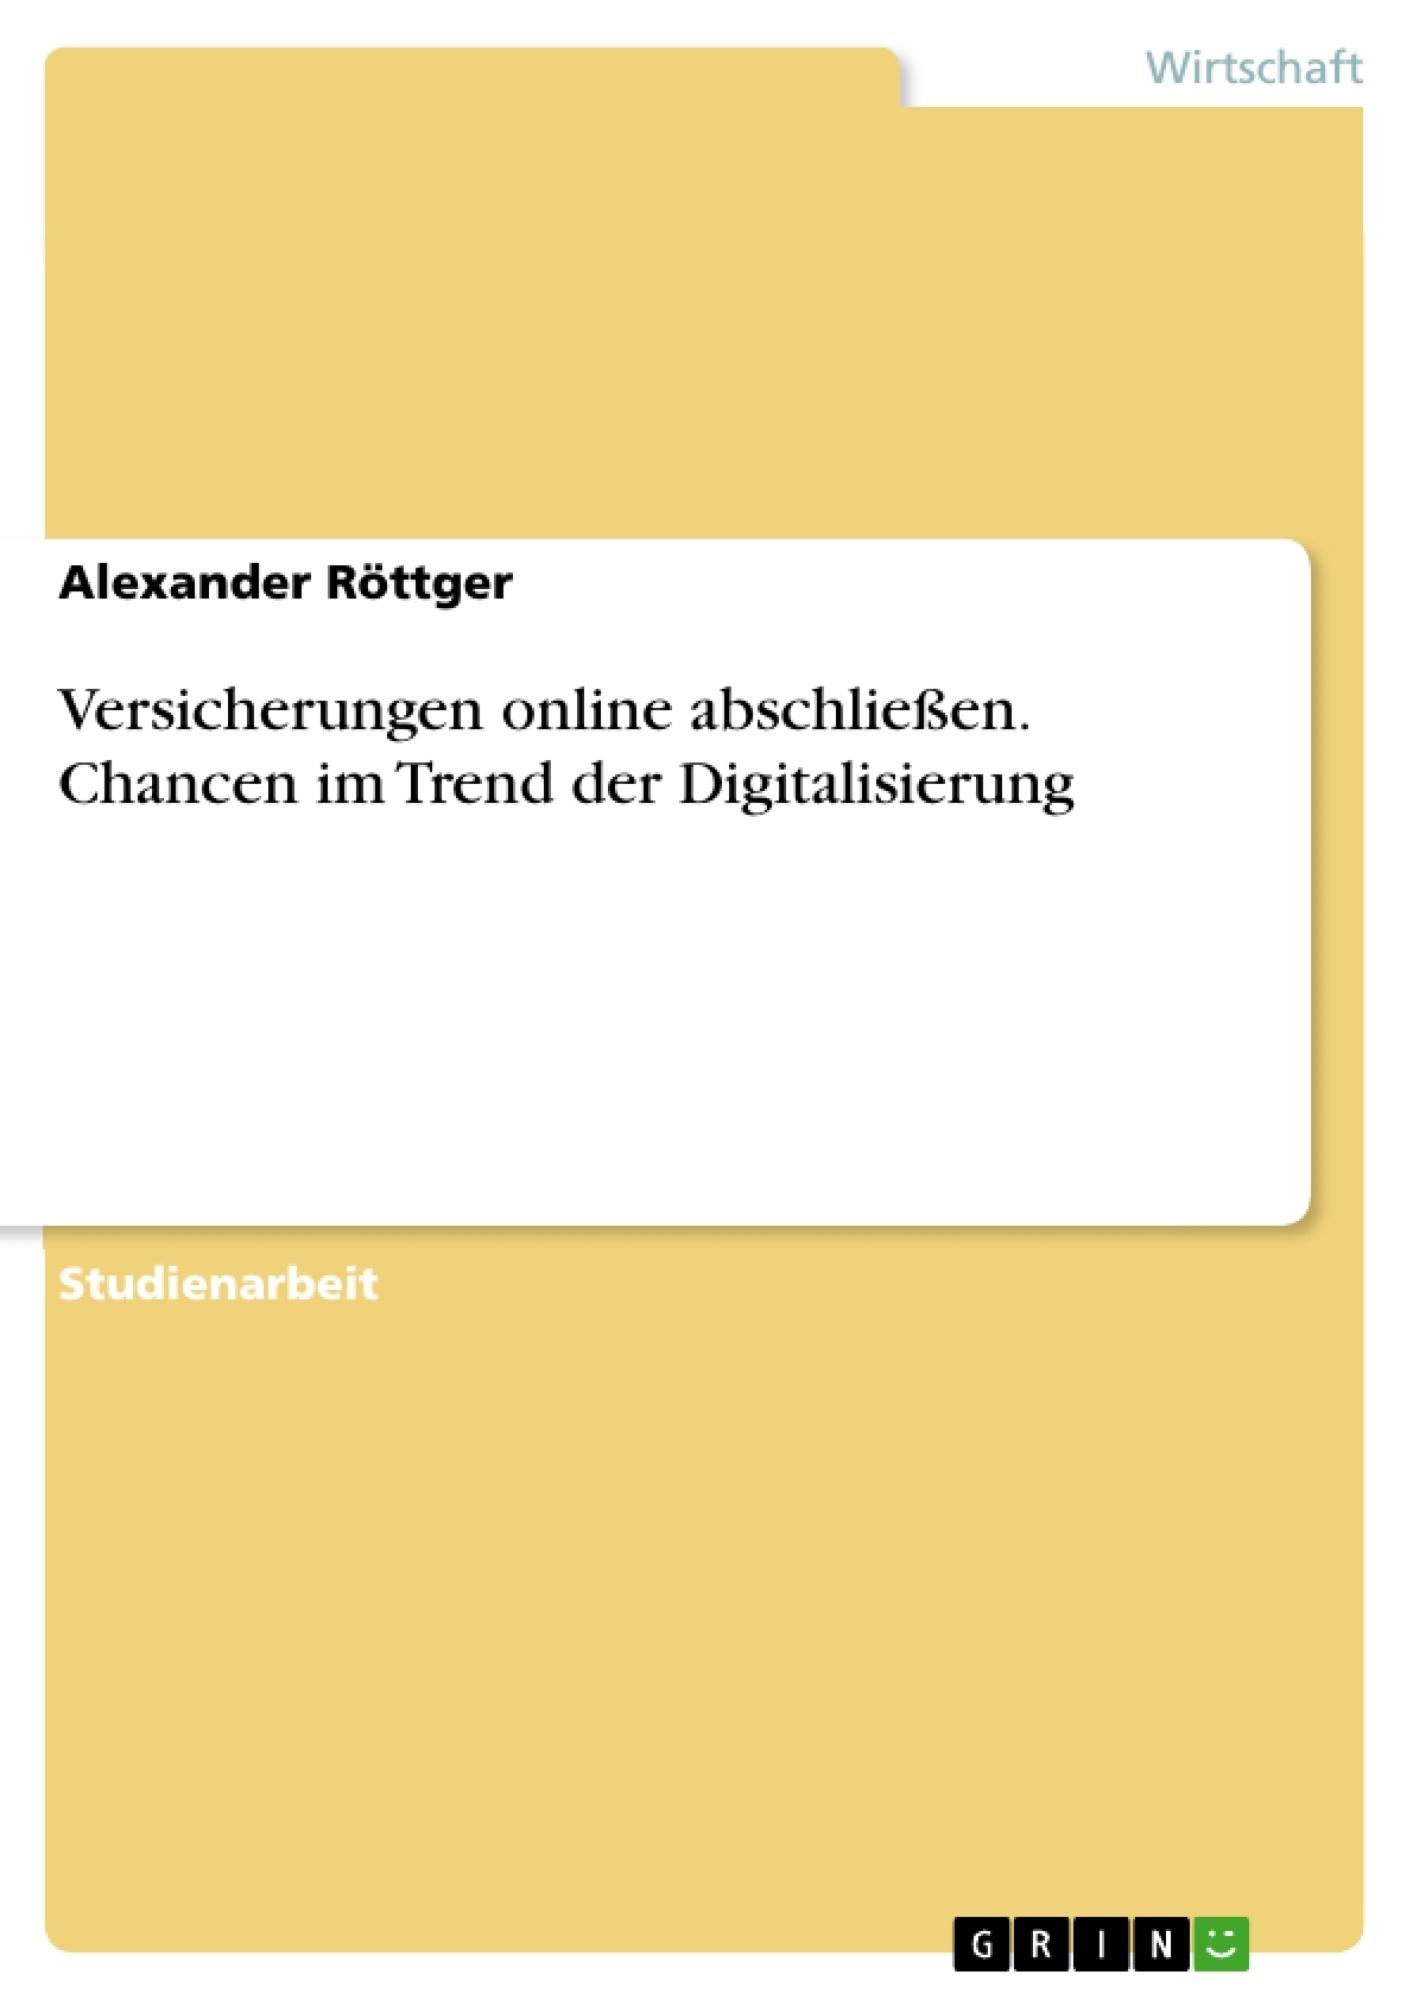 Titel: Versicherungen online abschließen. Chancen im Trend der Digitalisierung